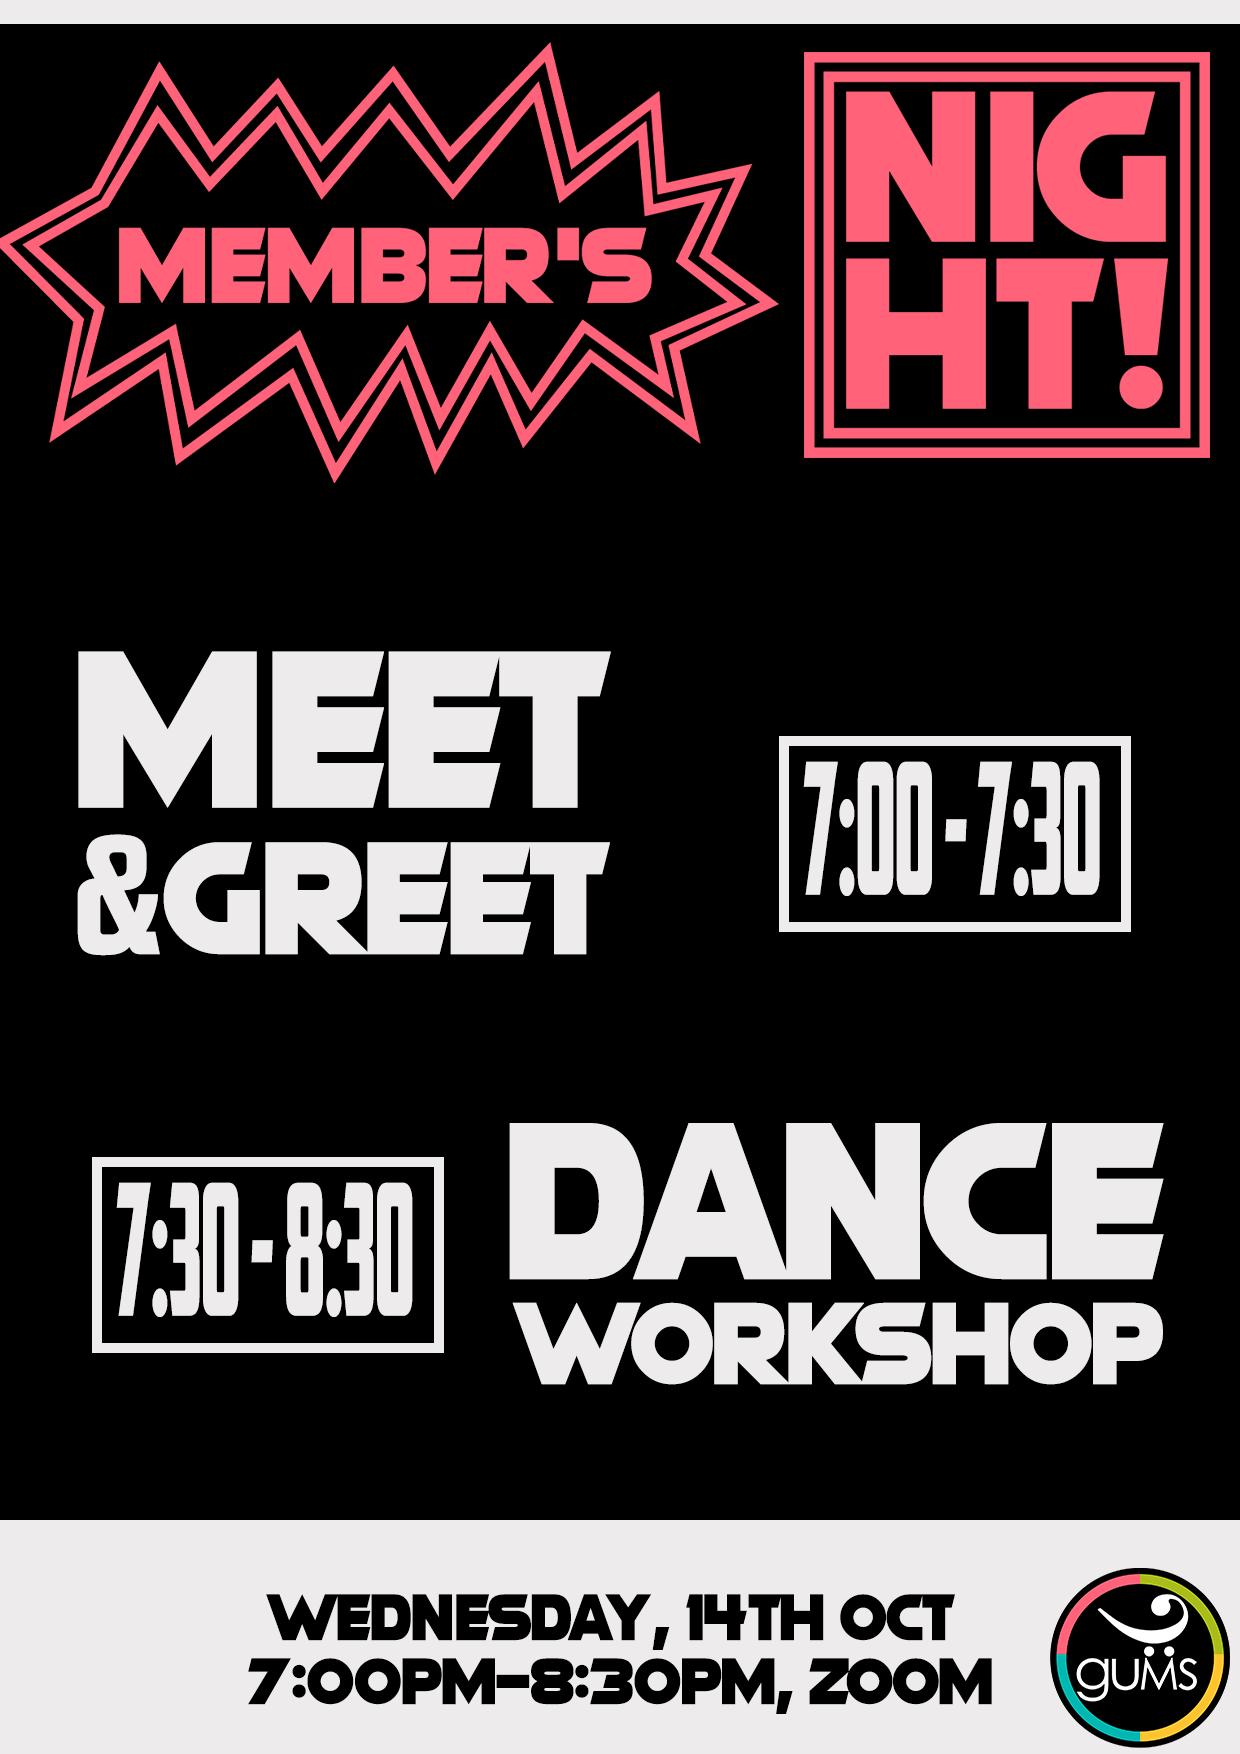 Members Night Poster